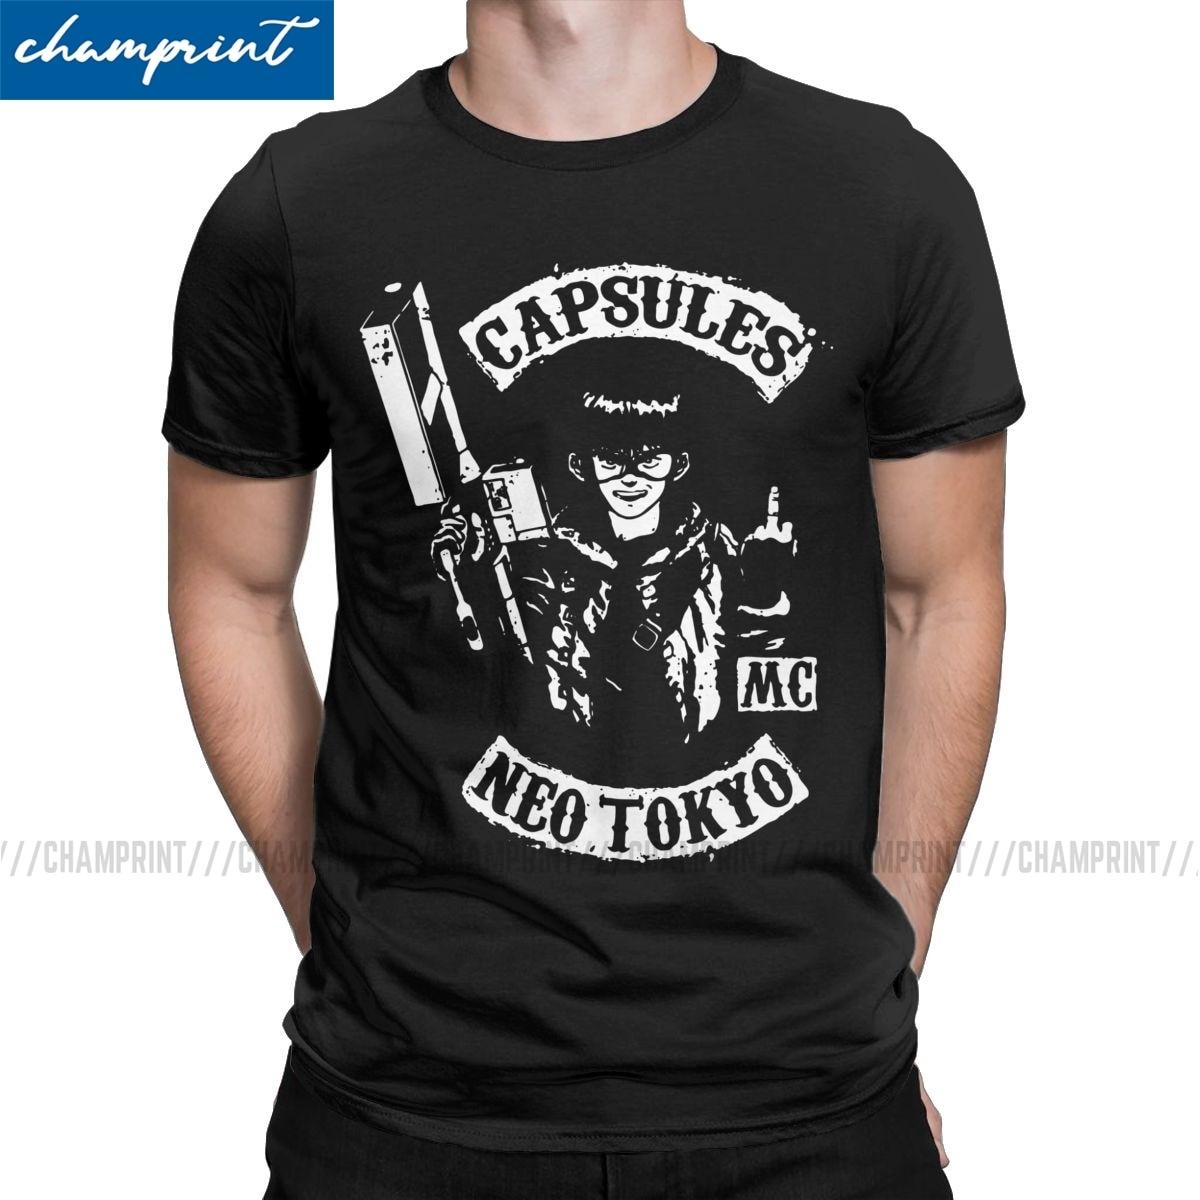 Neo tokyo cápsulas t camisa masculina único t-shirts o pescoço akira kaneda tetsuo japão manga t camisa de manga curta topos único